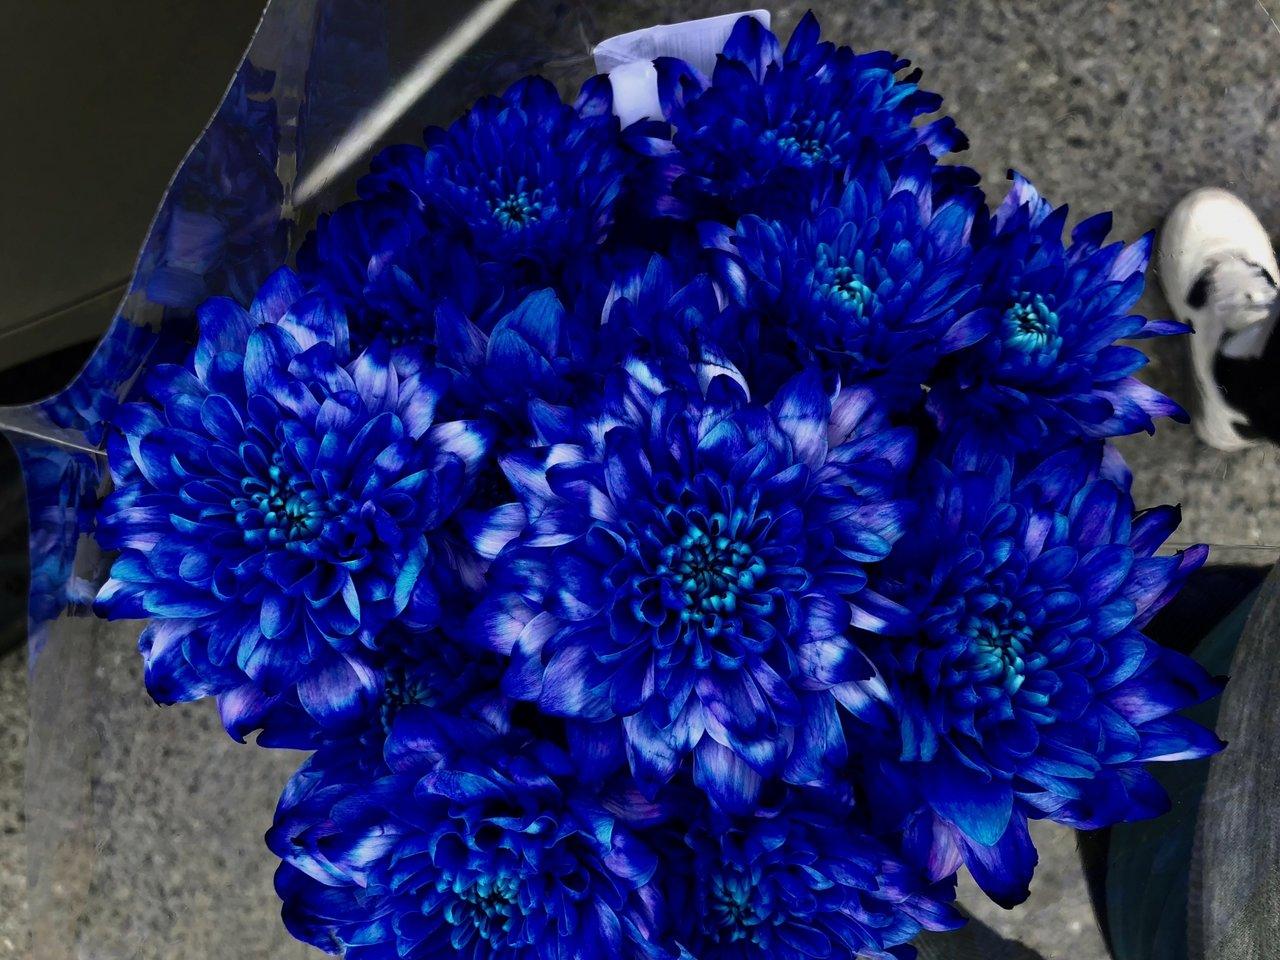 vackert_blommor_flowers